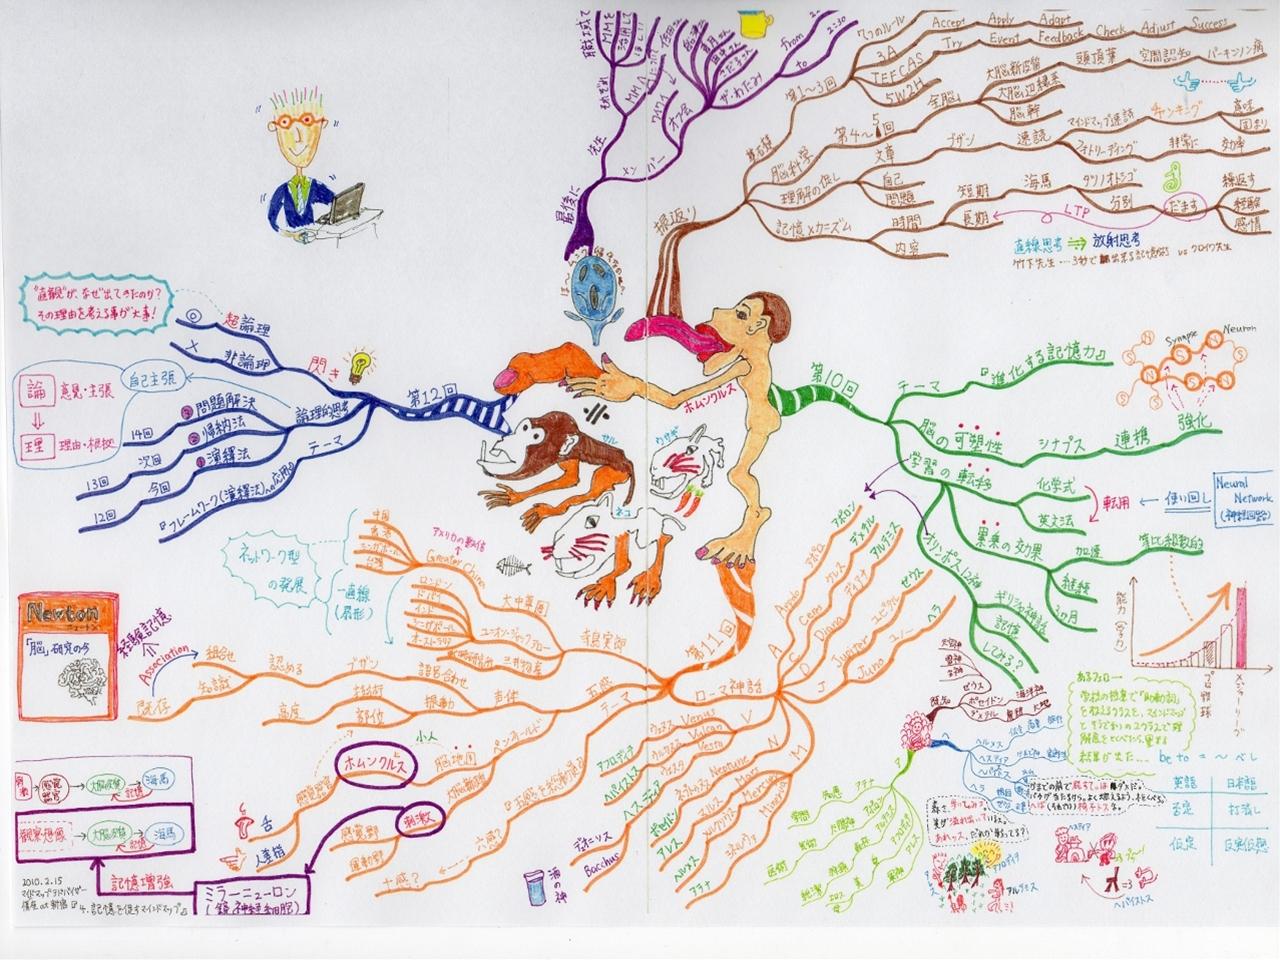 マインドマップアドバイザー講座 at 新宿 『4.記憶を促すマインドマップ』